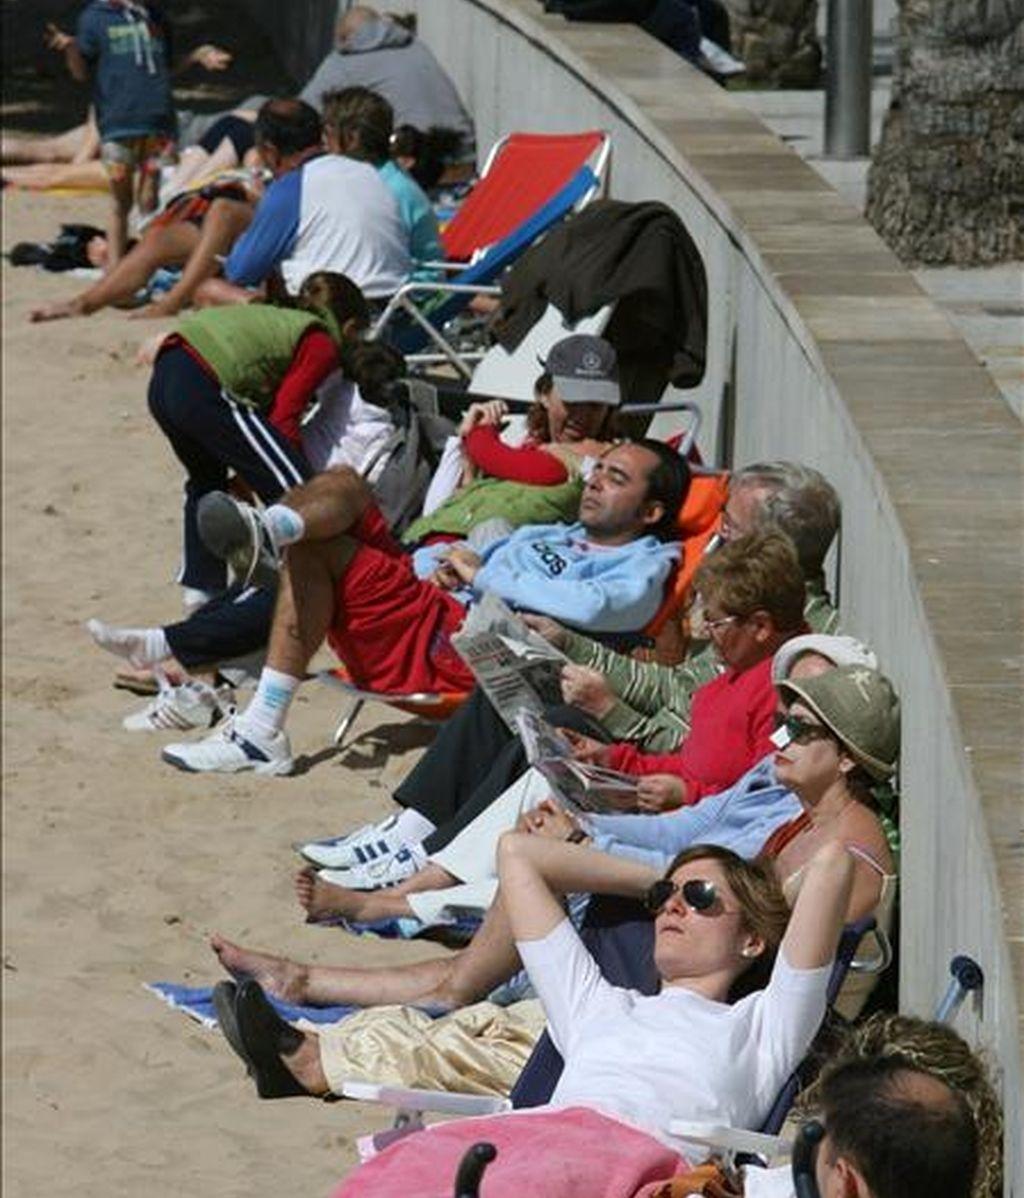 Un grupo de turistas tomando el sol en las pasadas vacaciones de Semana Santa. EFE/Archivo